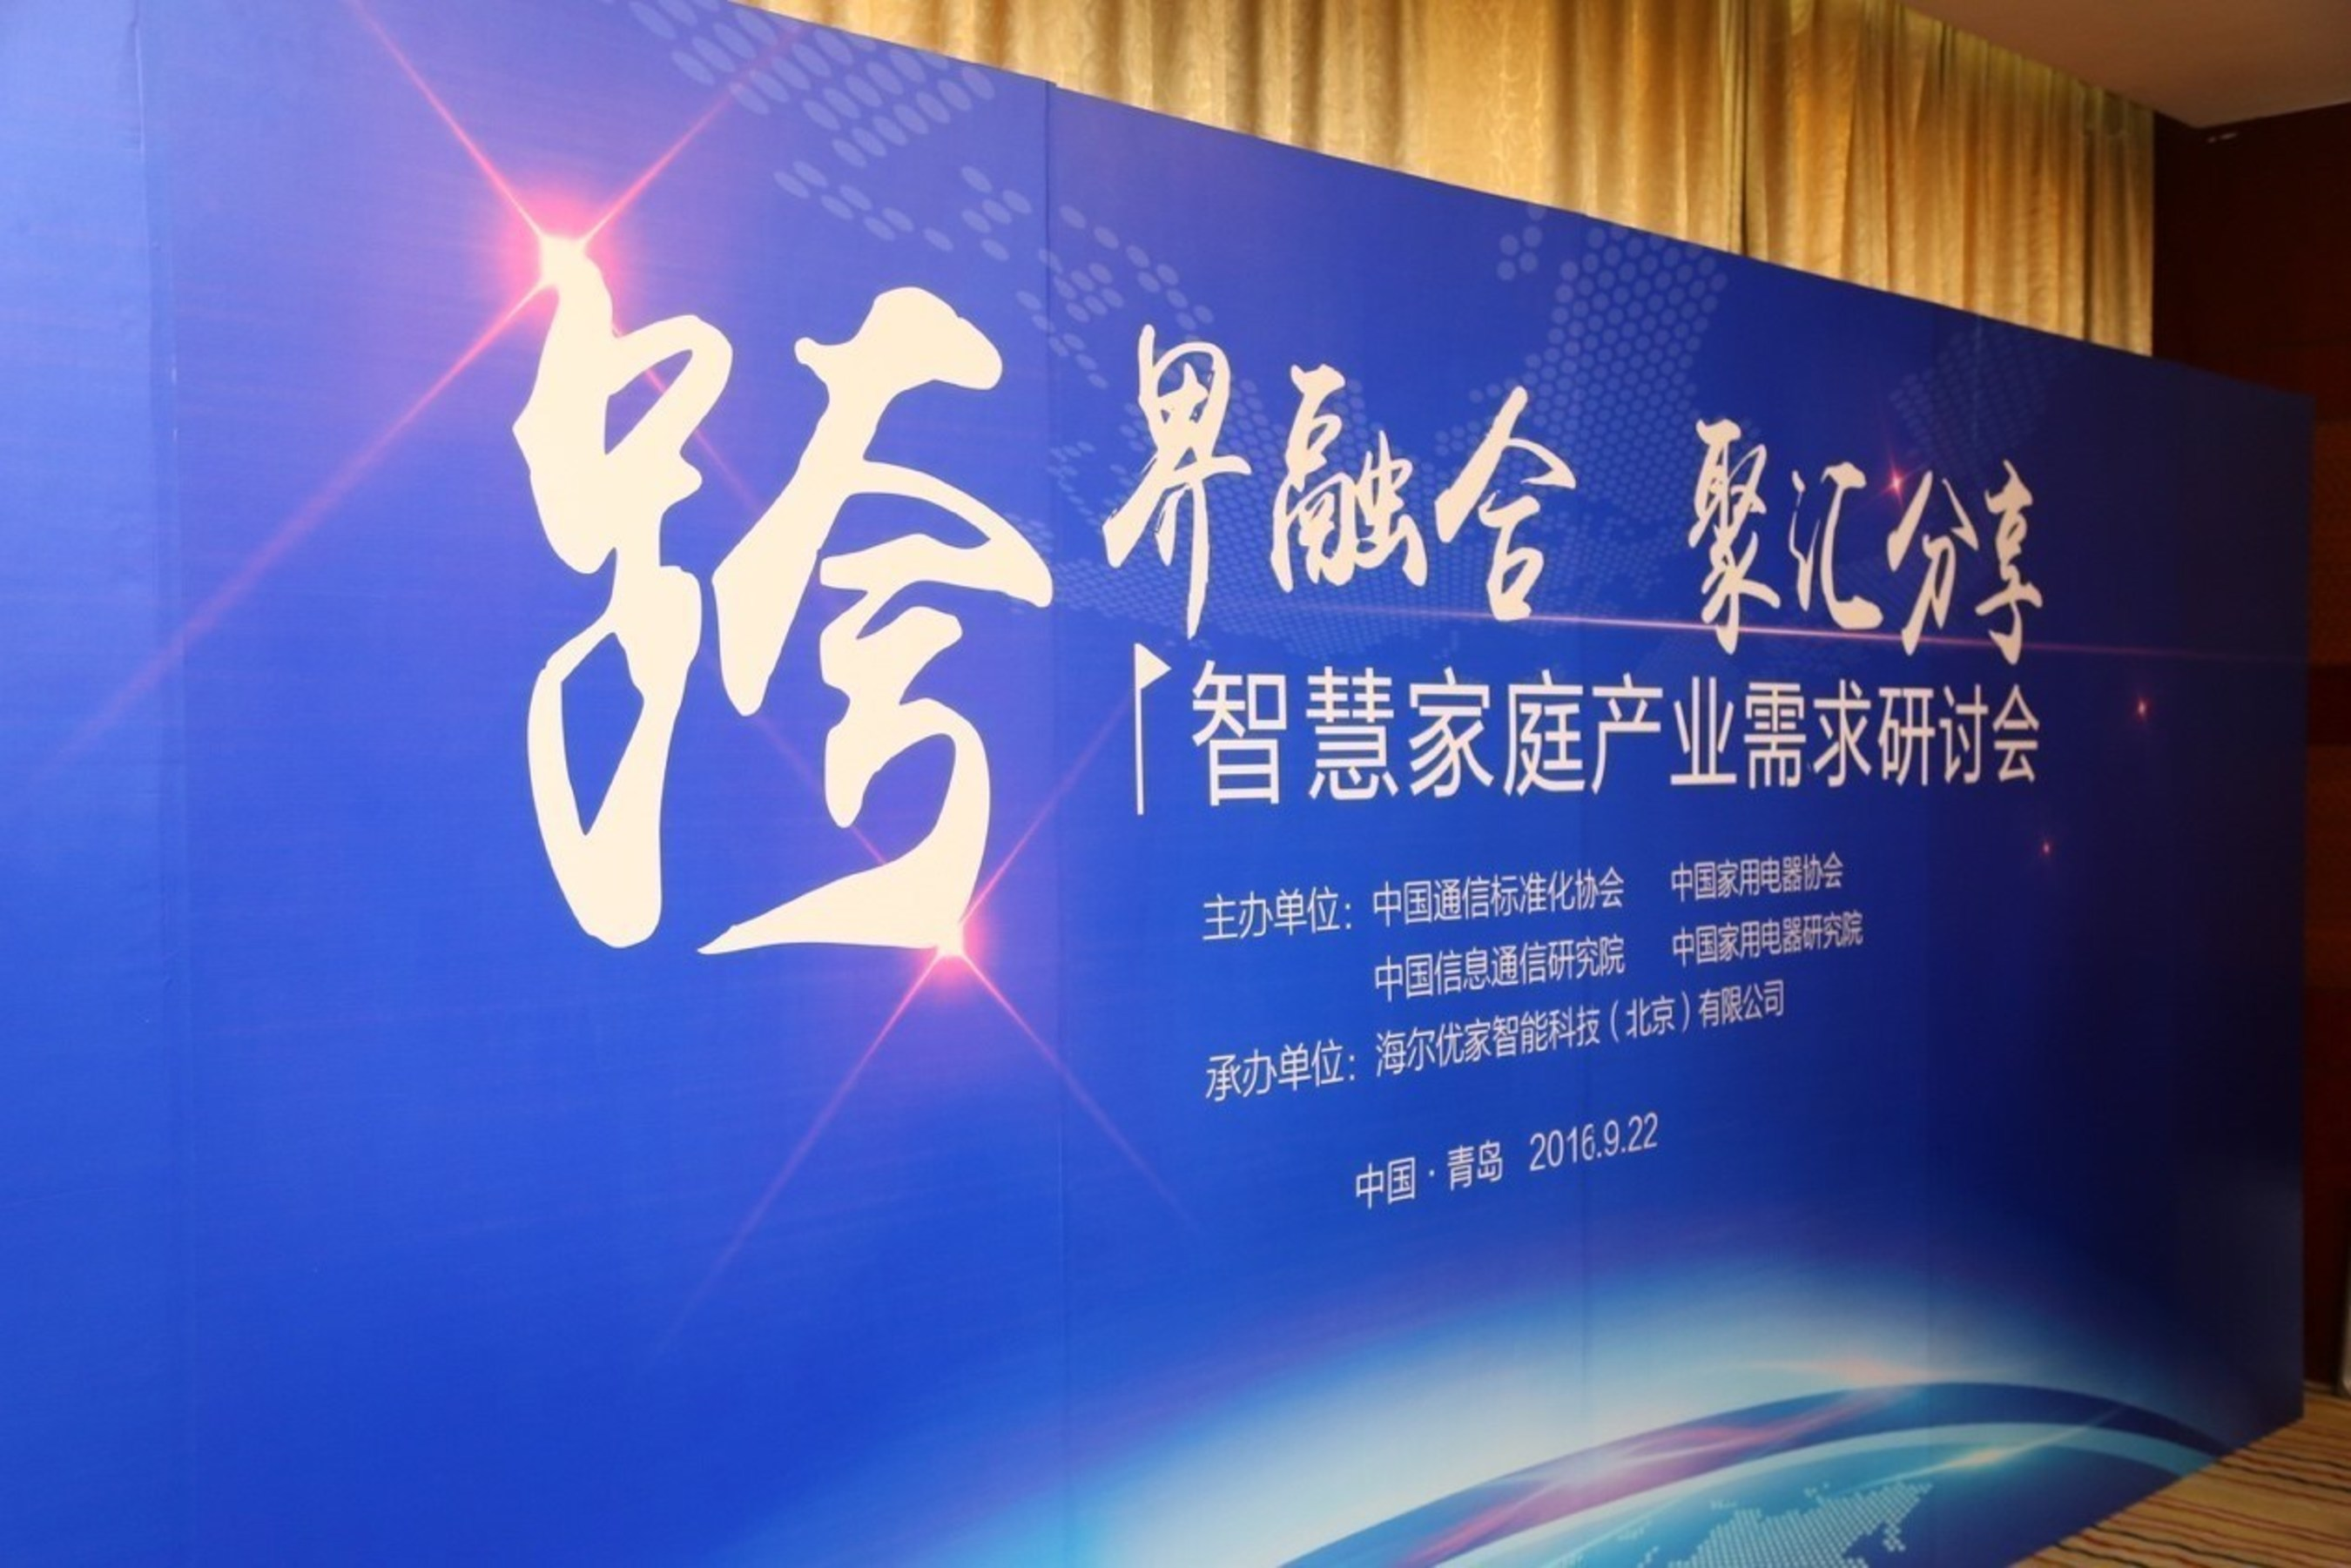 Smart Home Industry Demand Summit Held in Qingdao